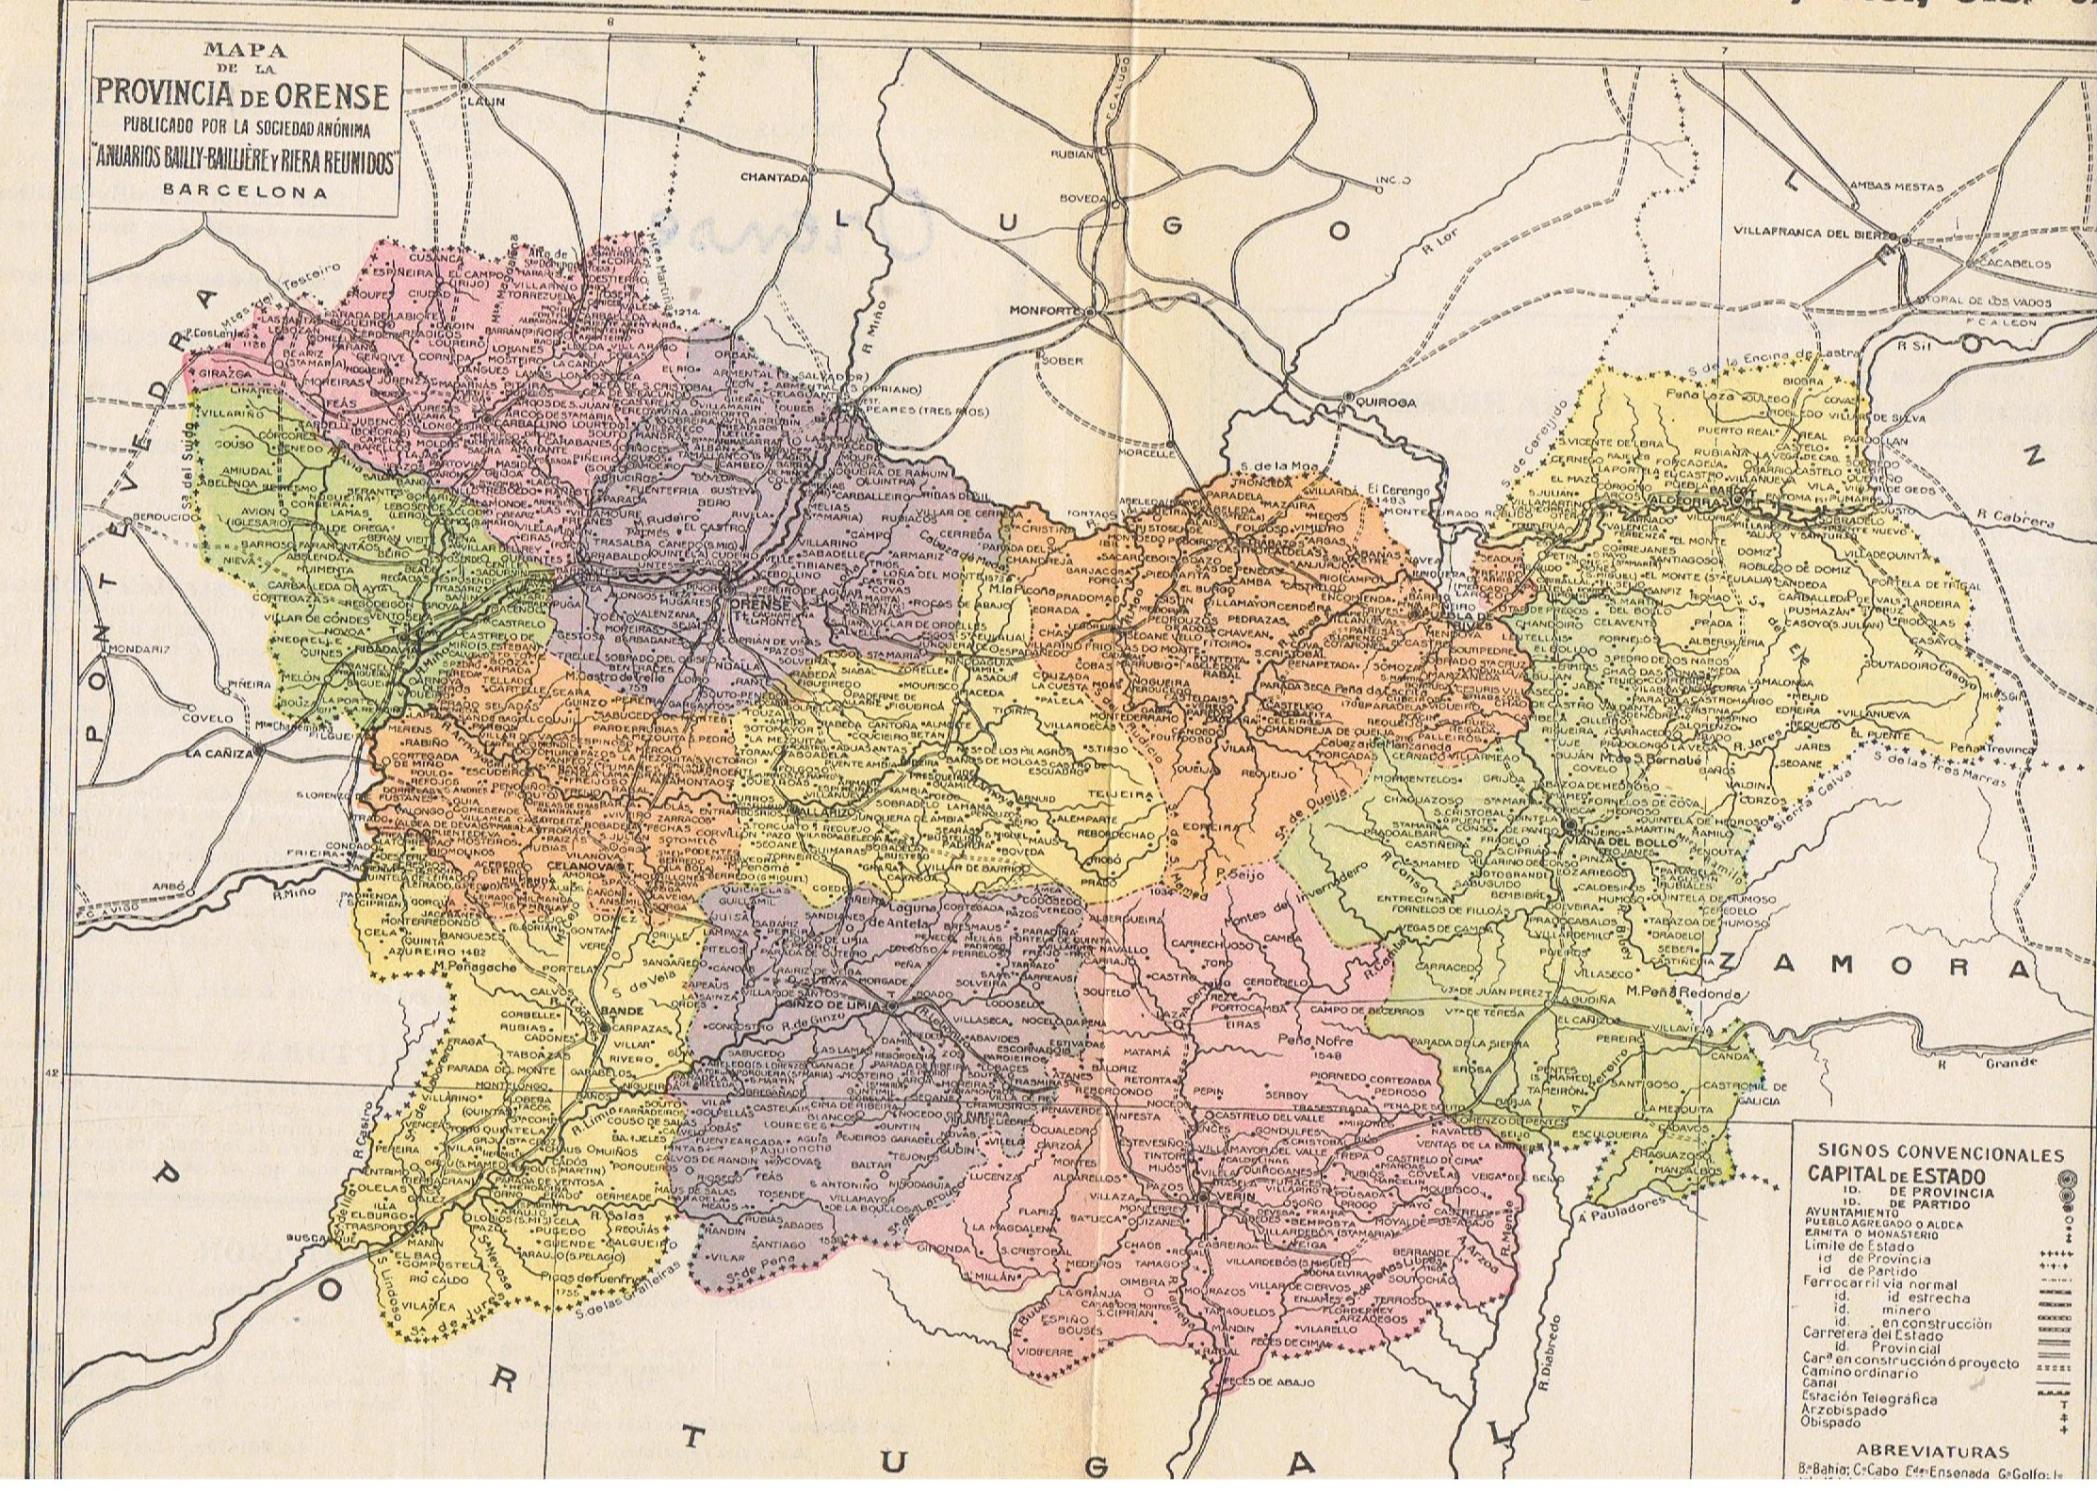 Mapa De La Provincia De Orense By Mapa Map Libreria Torreon De